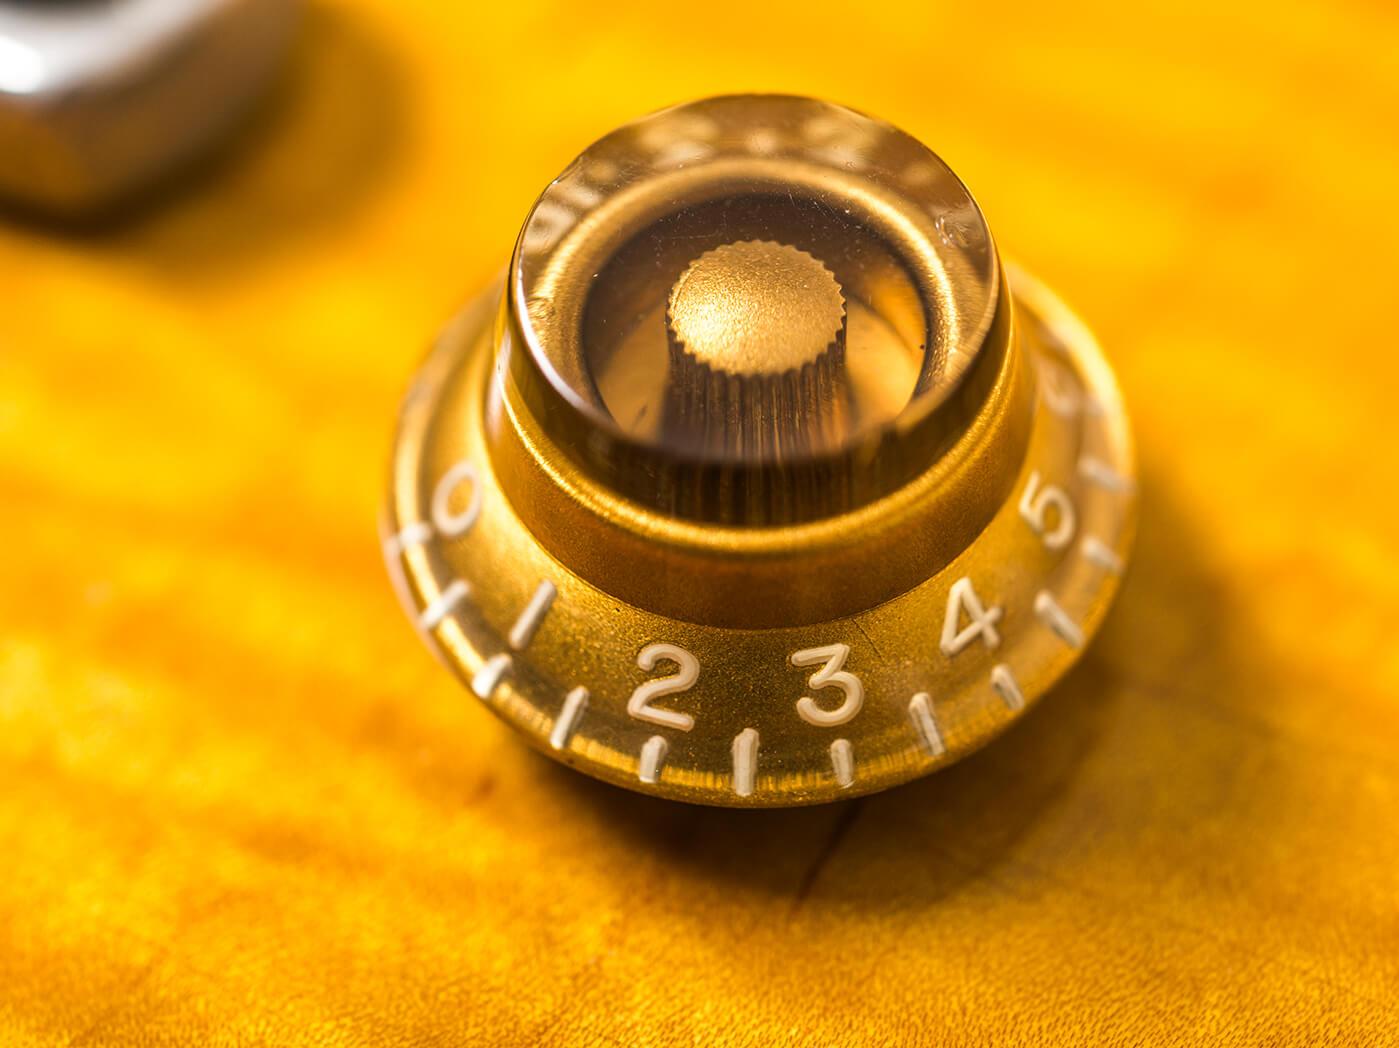 Gary Richrath 1959 Gibson Les Paul control knob close up